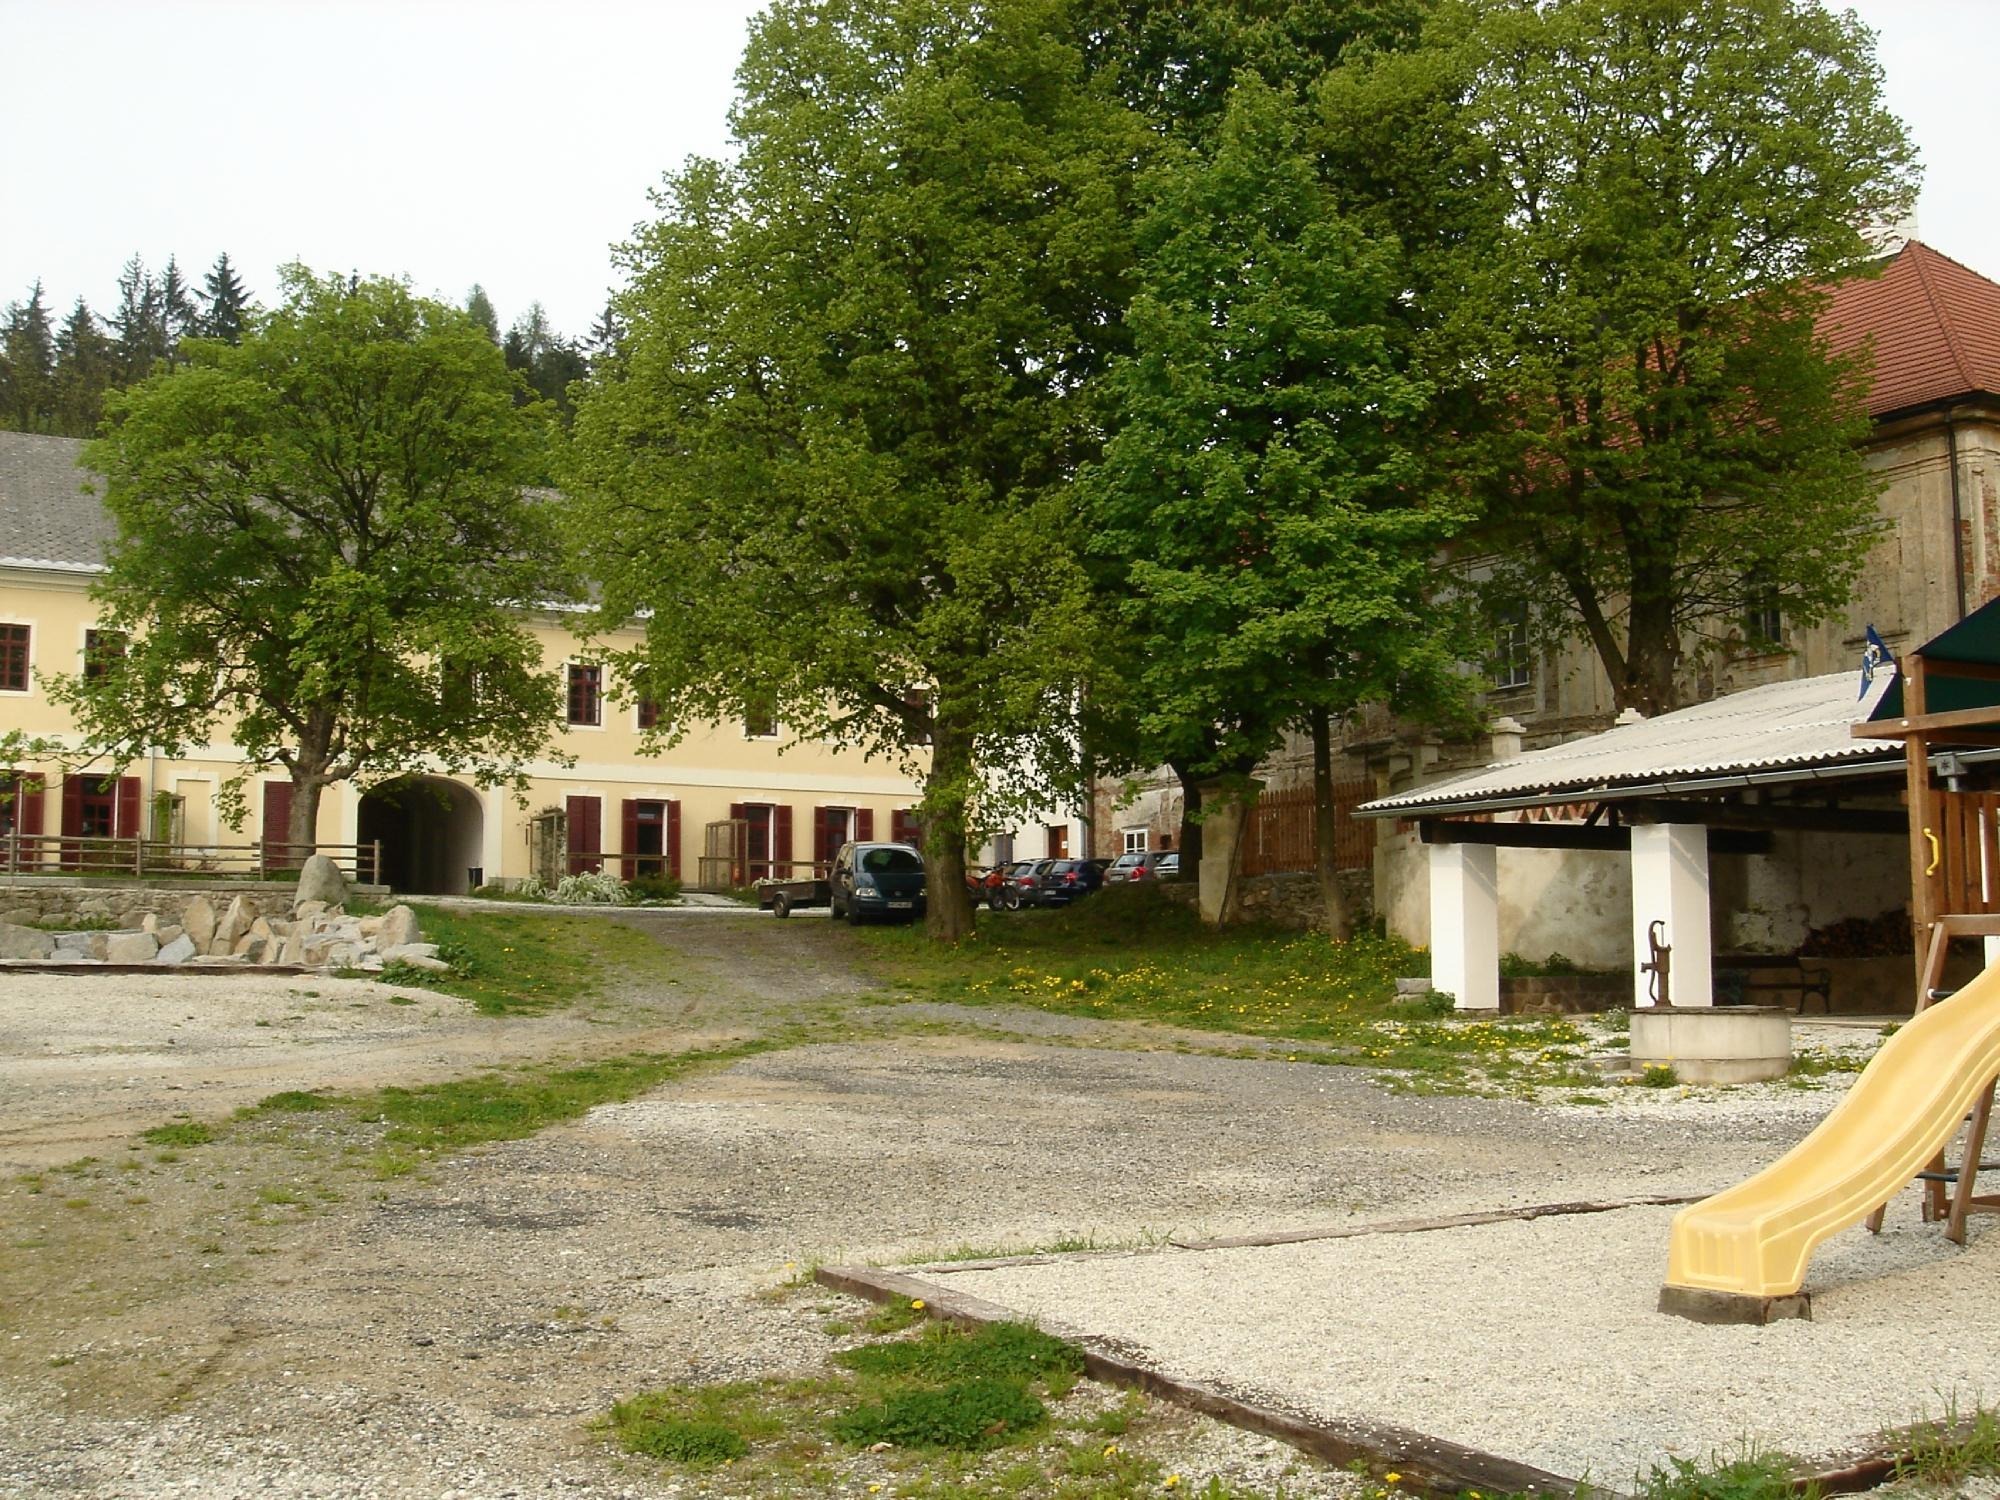 Holiday Park Mlazovy